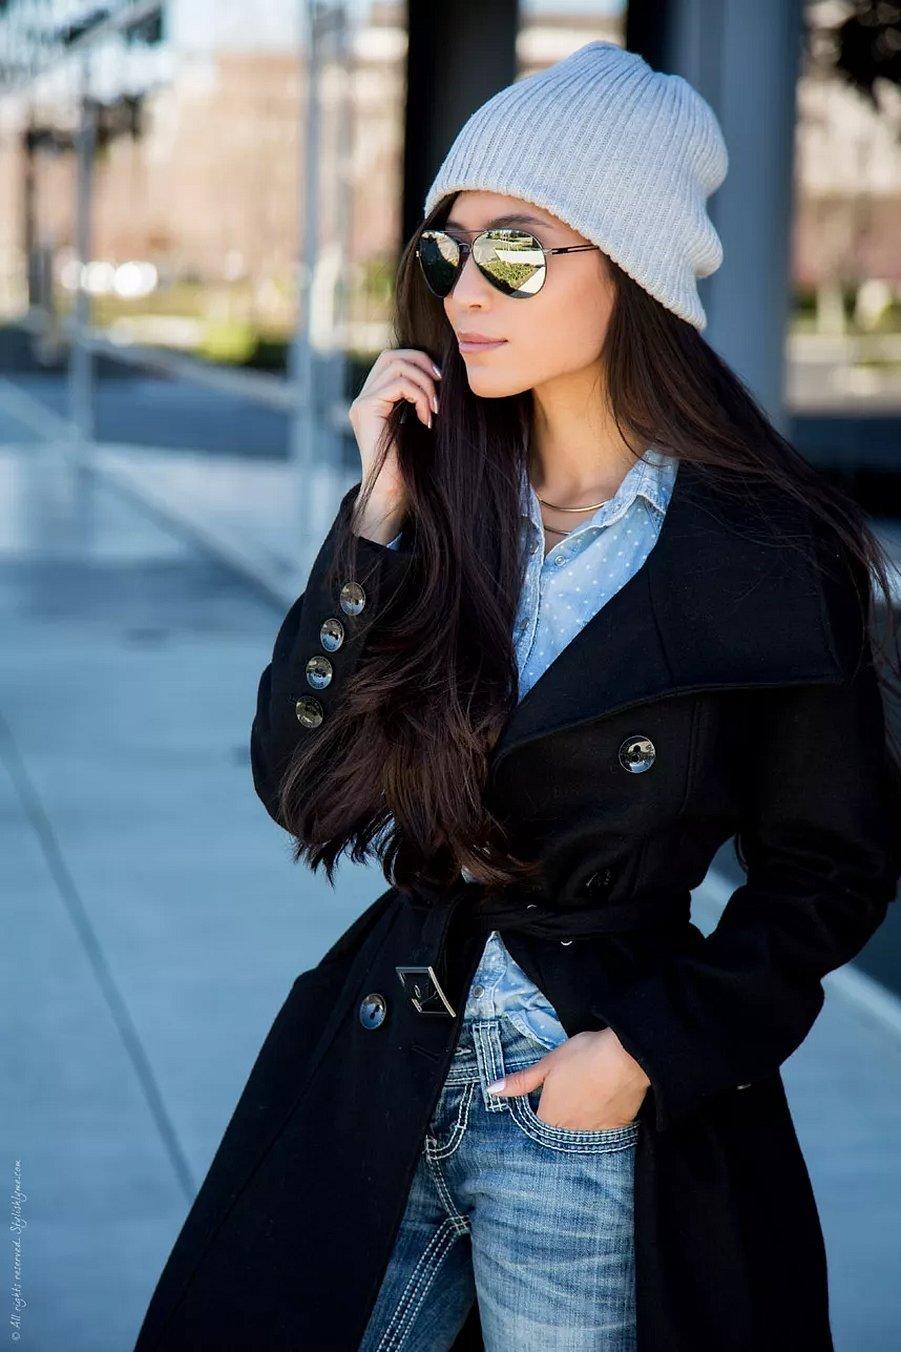 Шапки весенние с классической курткой